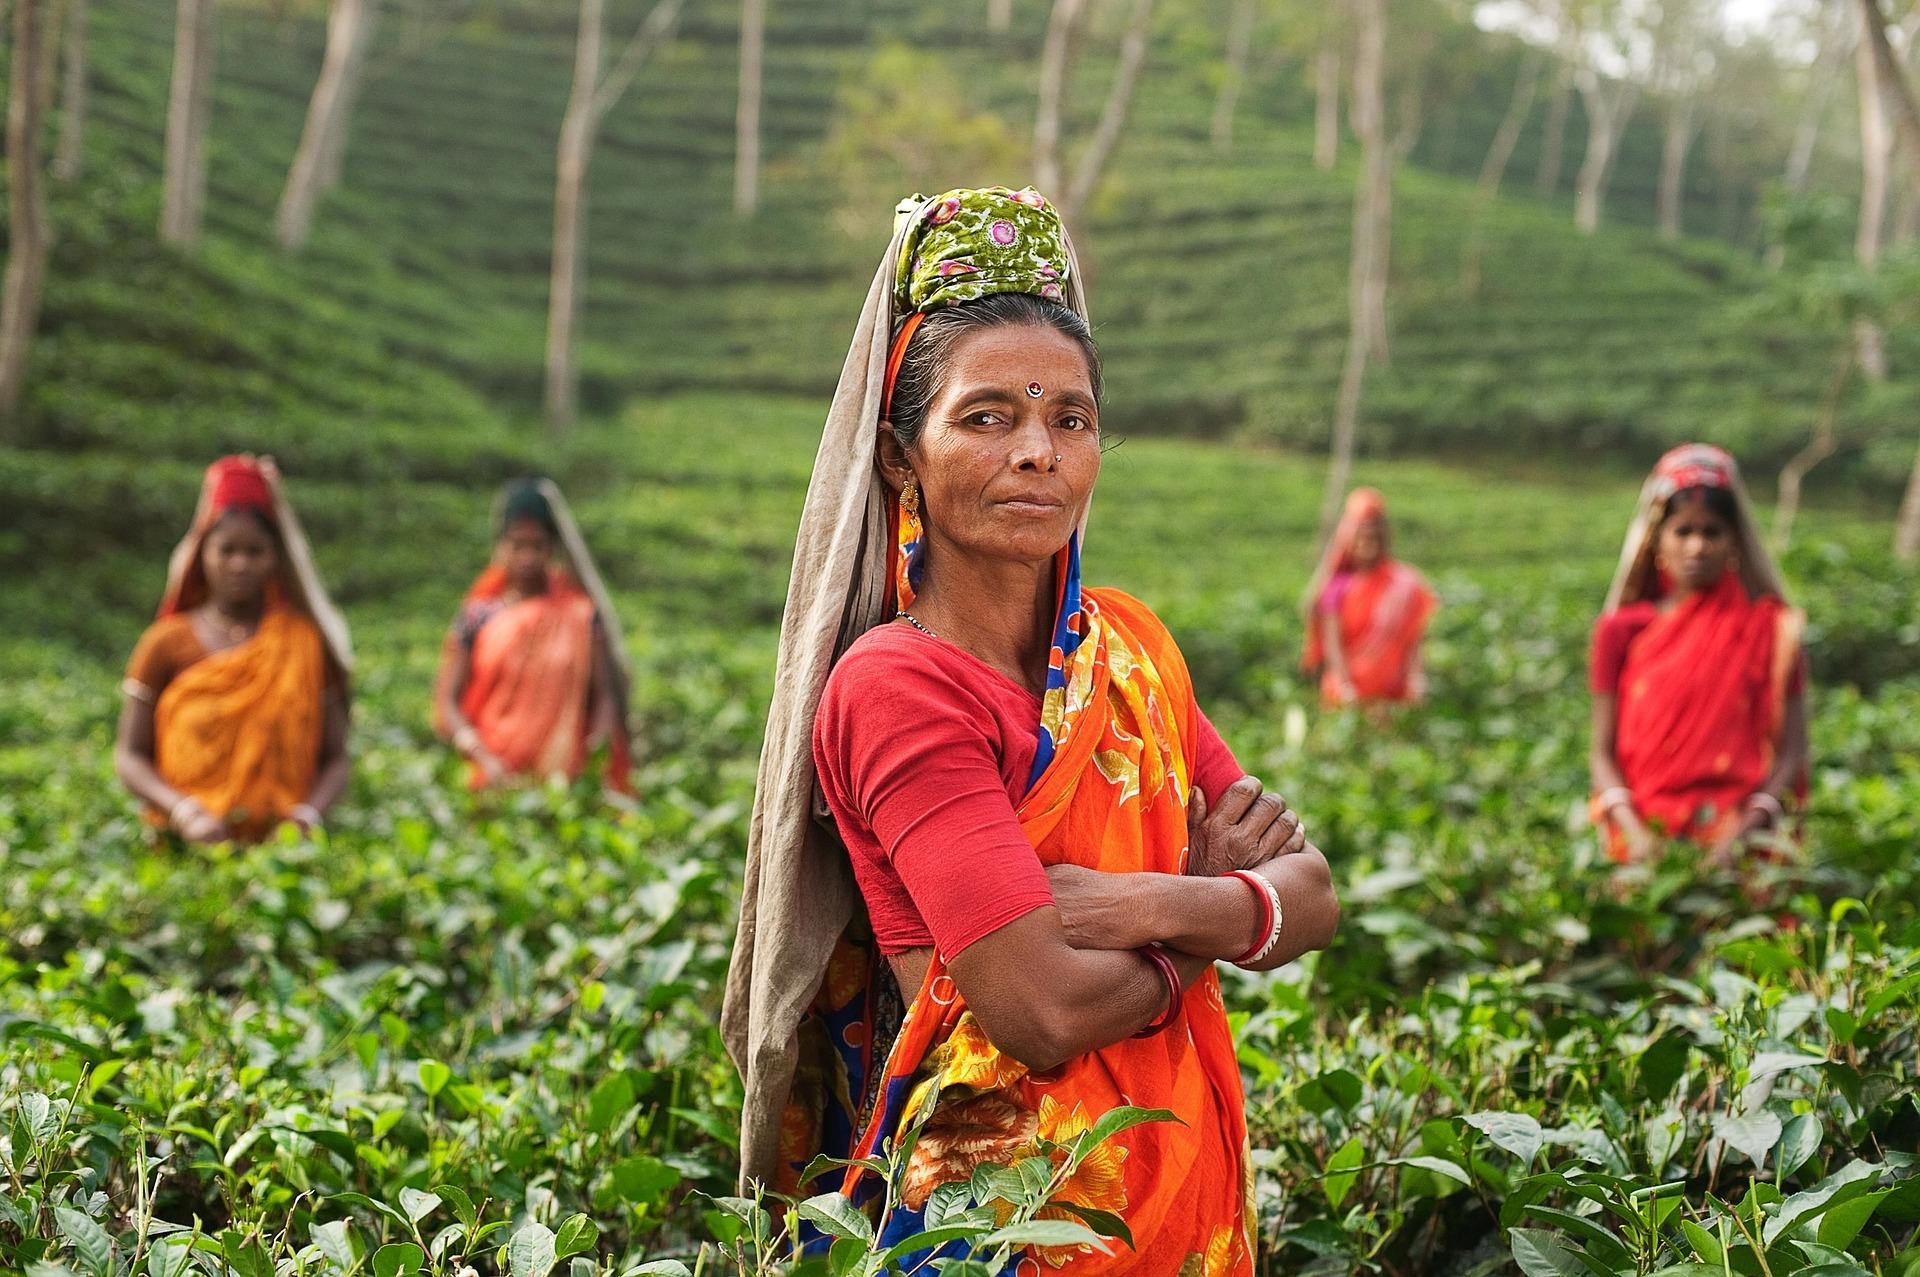 india donne mestruazioni